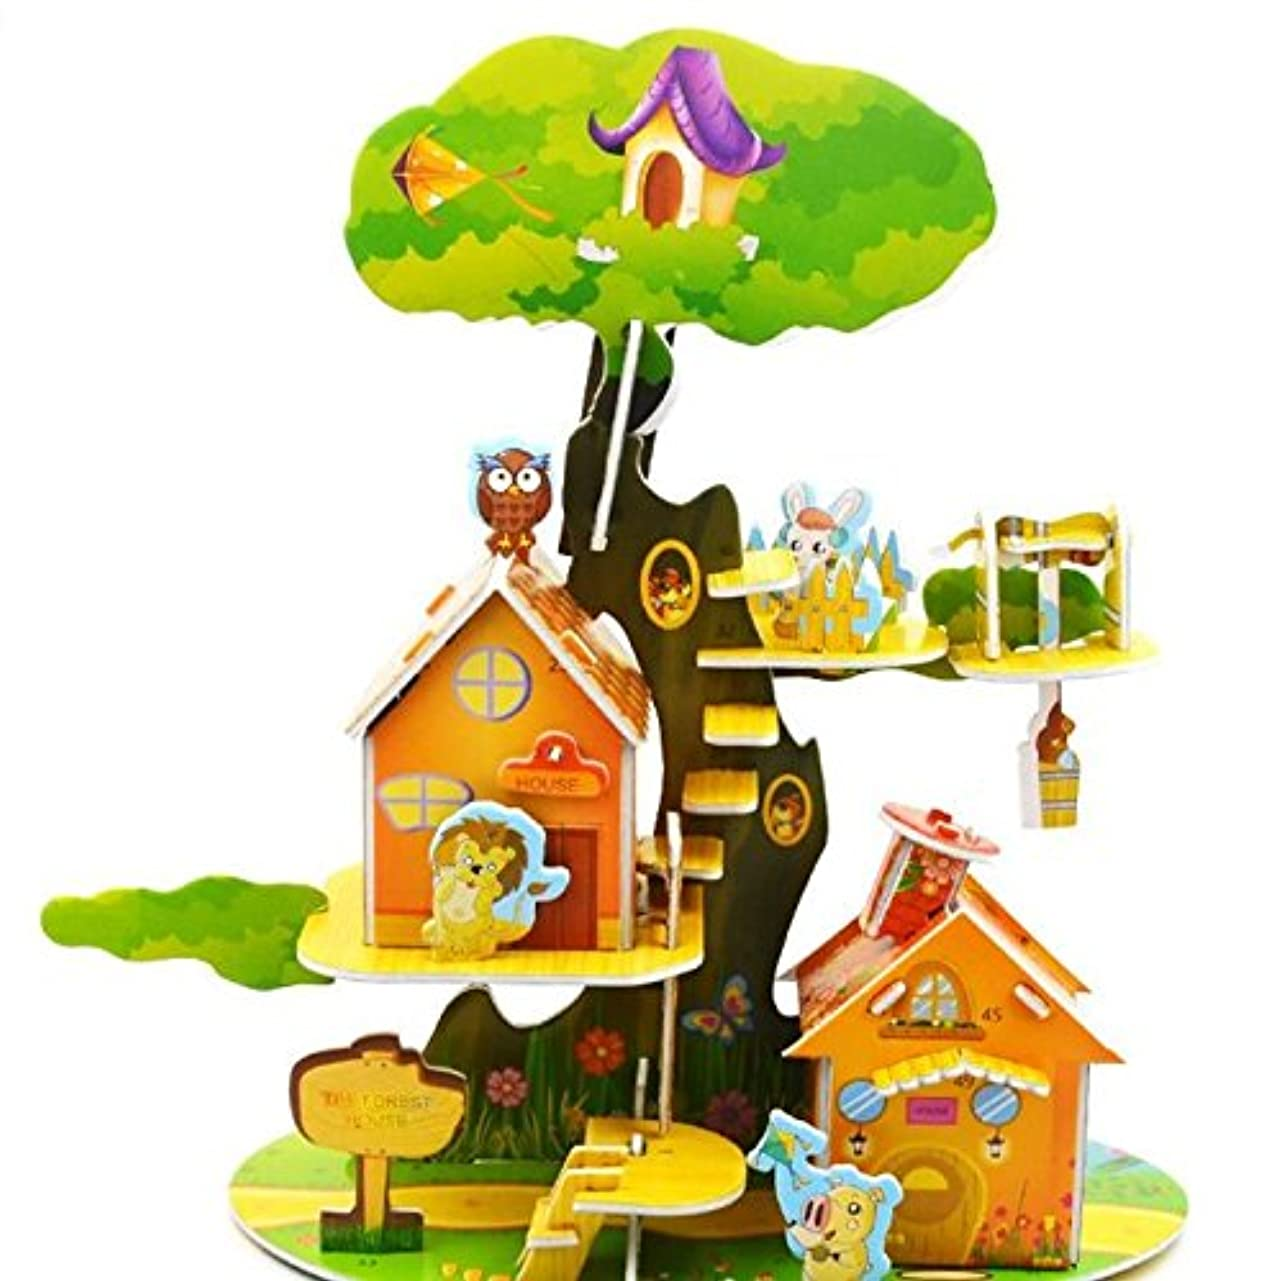 つま先魅力的であることへのアピール炎上HuaQingPiJu-JP 創造的な教育3Dパズルアーリーラーニングの形の色の動物のおもちゃ子供のための素晴らしいギフト(森林の家)